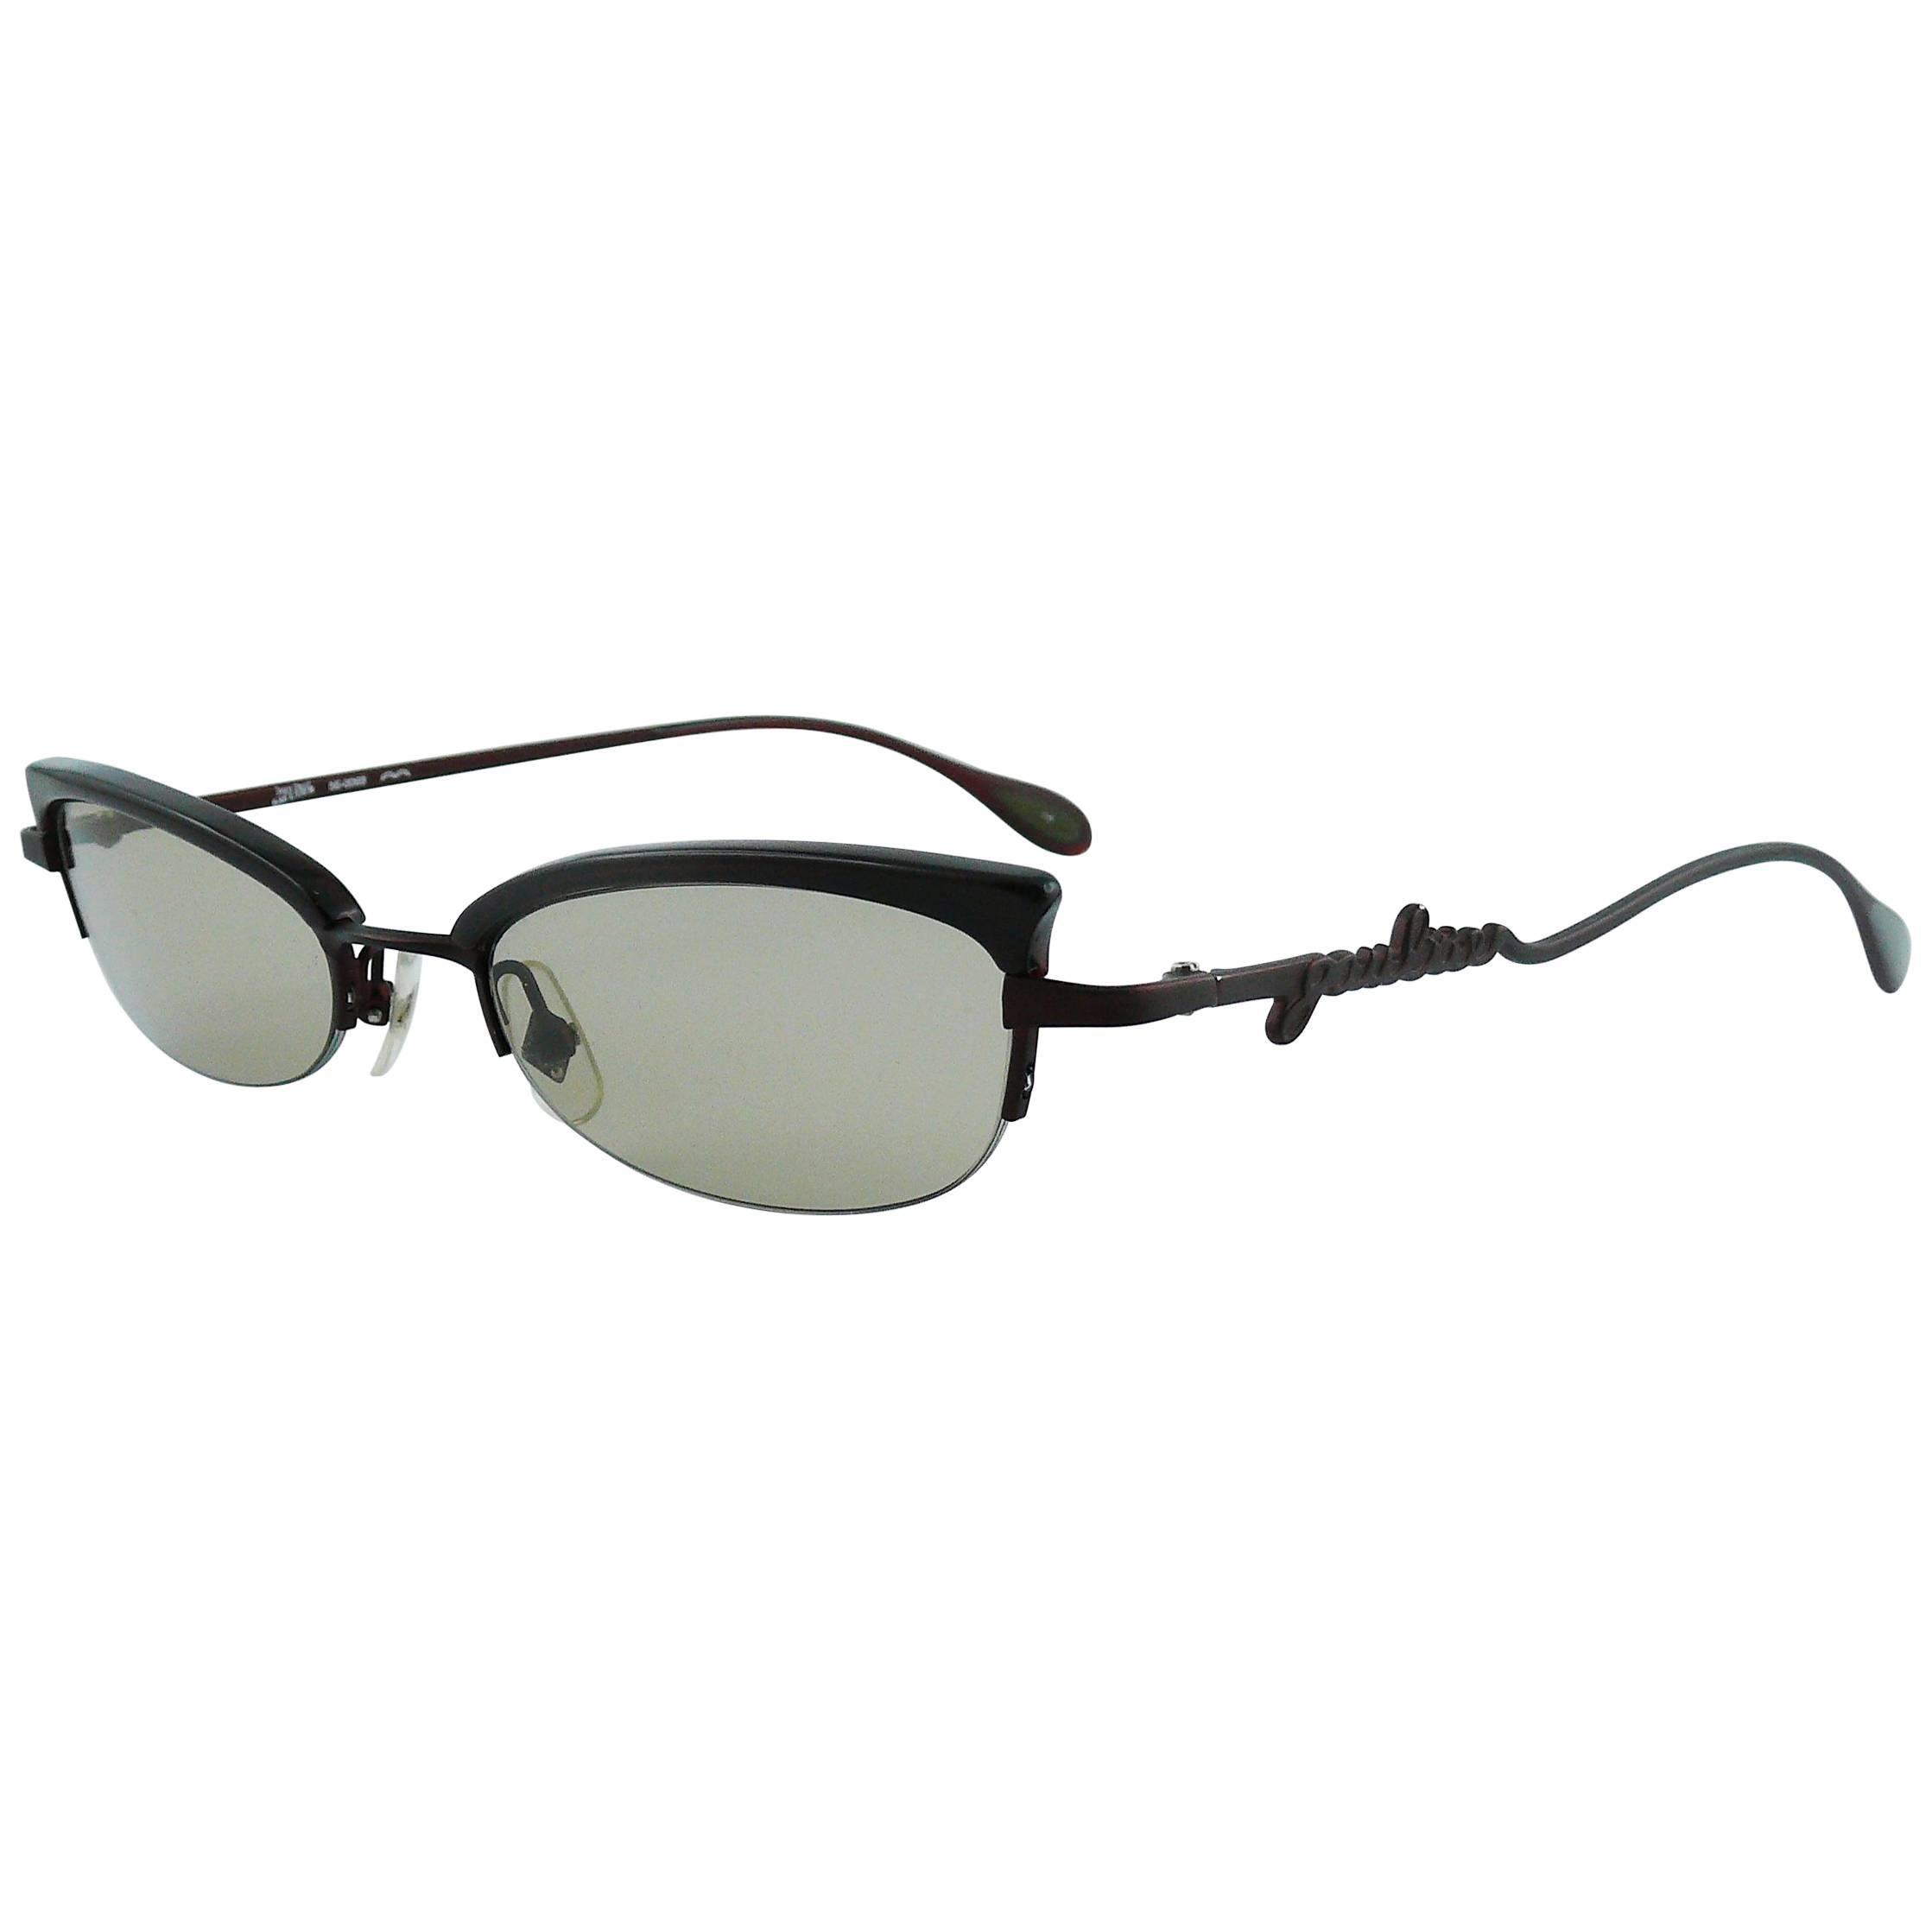 Jean Paul Gaultier Cat Eye Sunglasses Model 56-0069